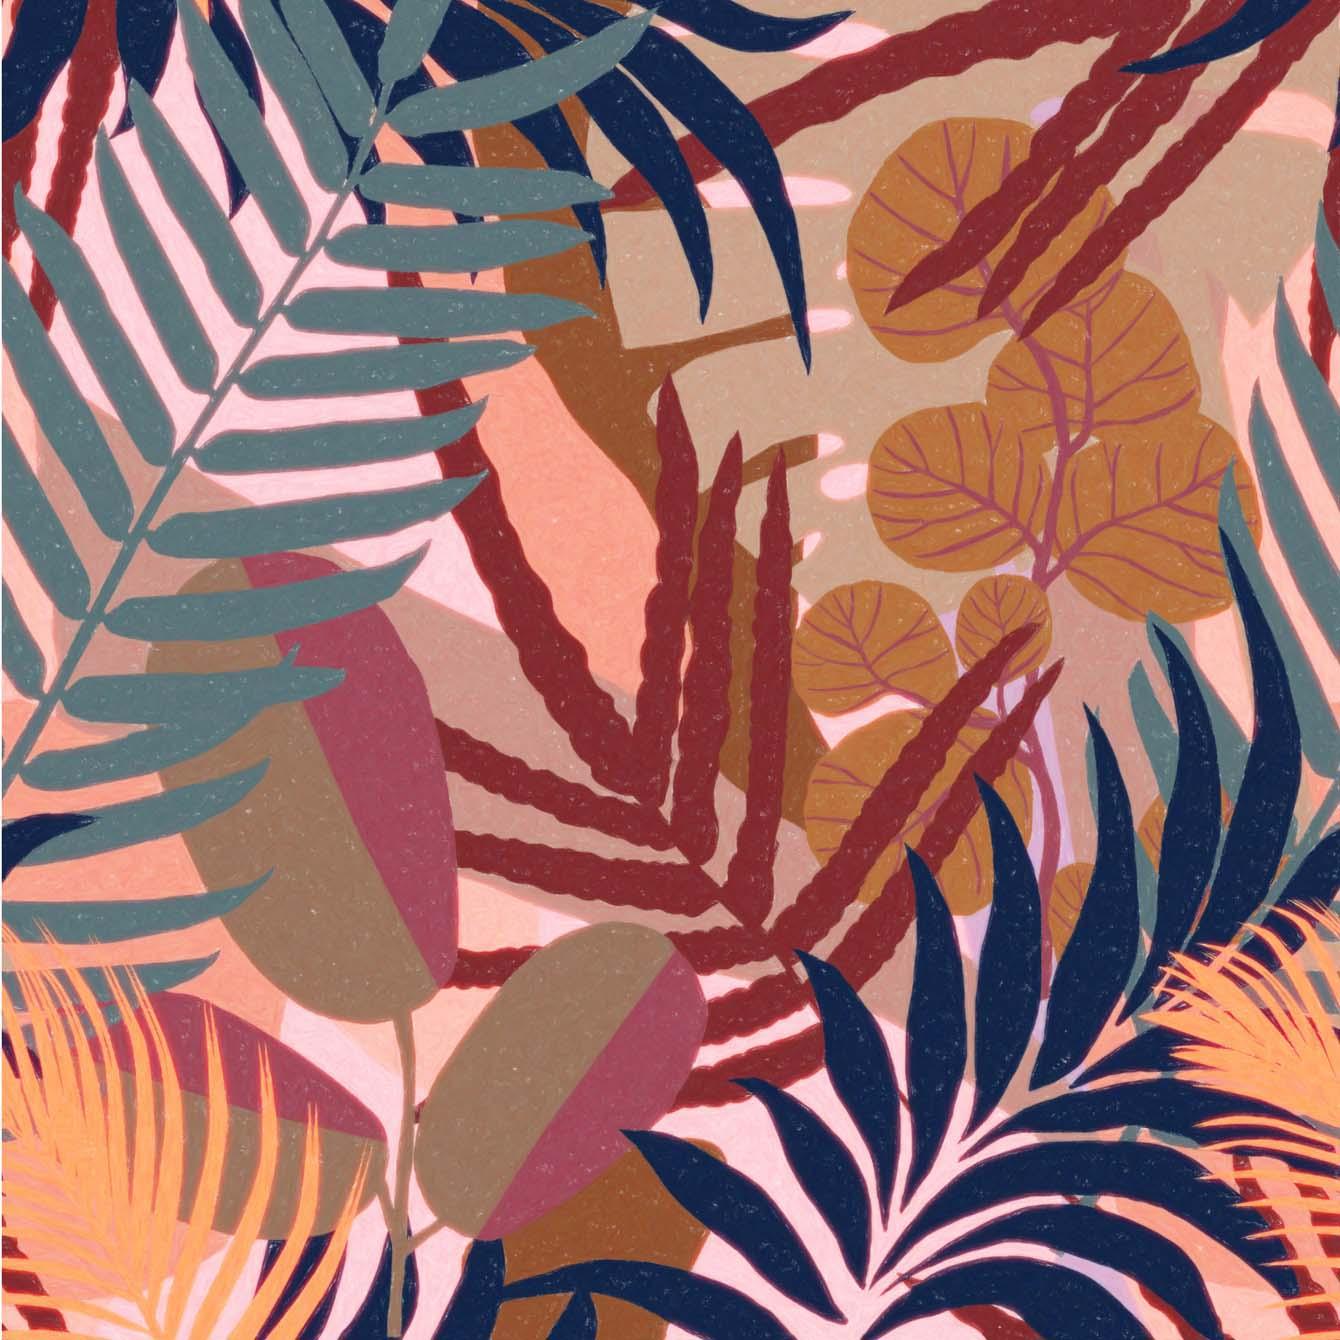 Behang Jardin uit de Cubana-collectie van Mind The Gap